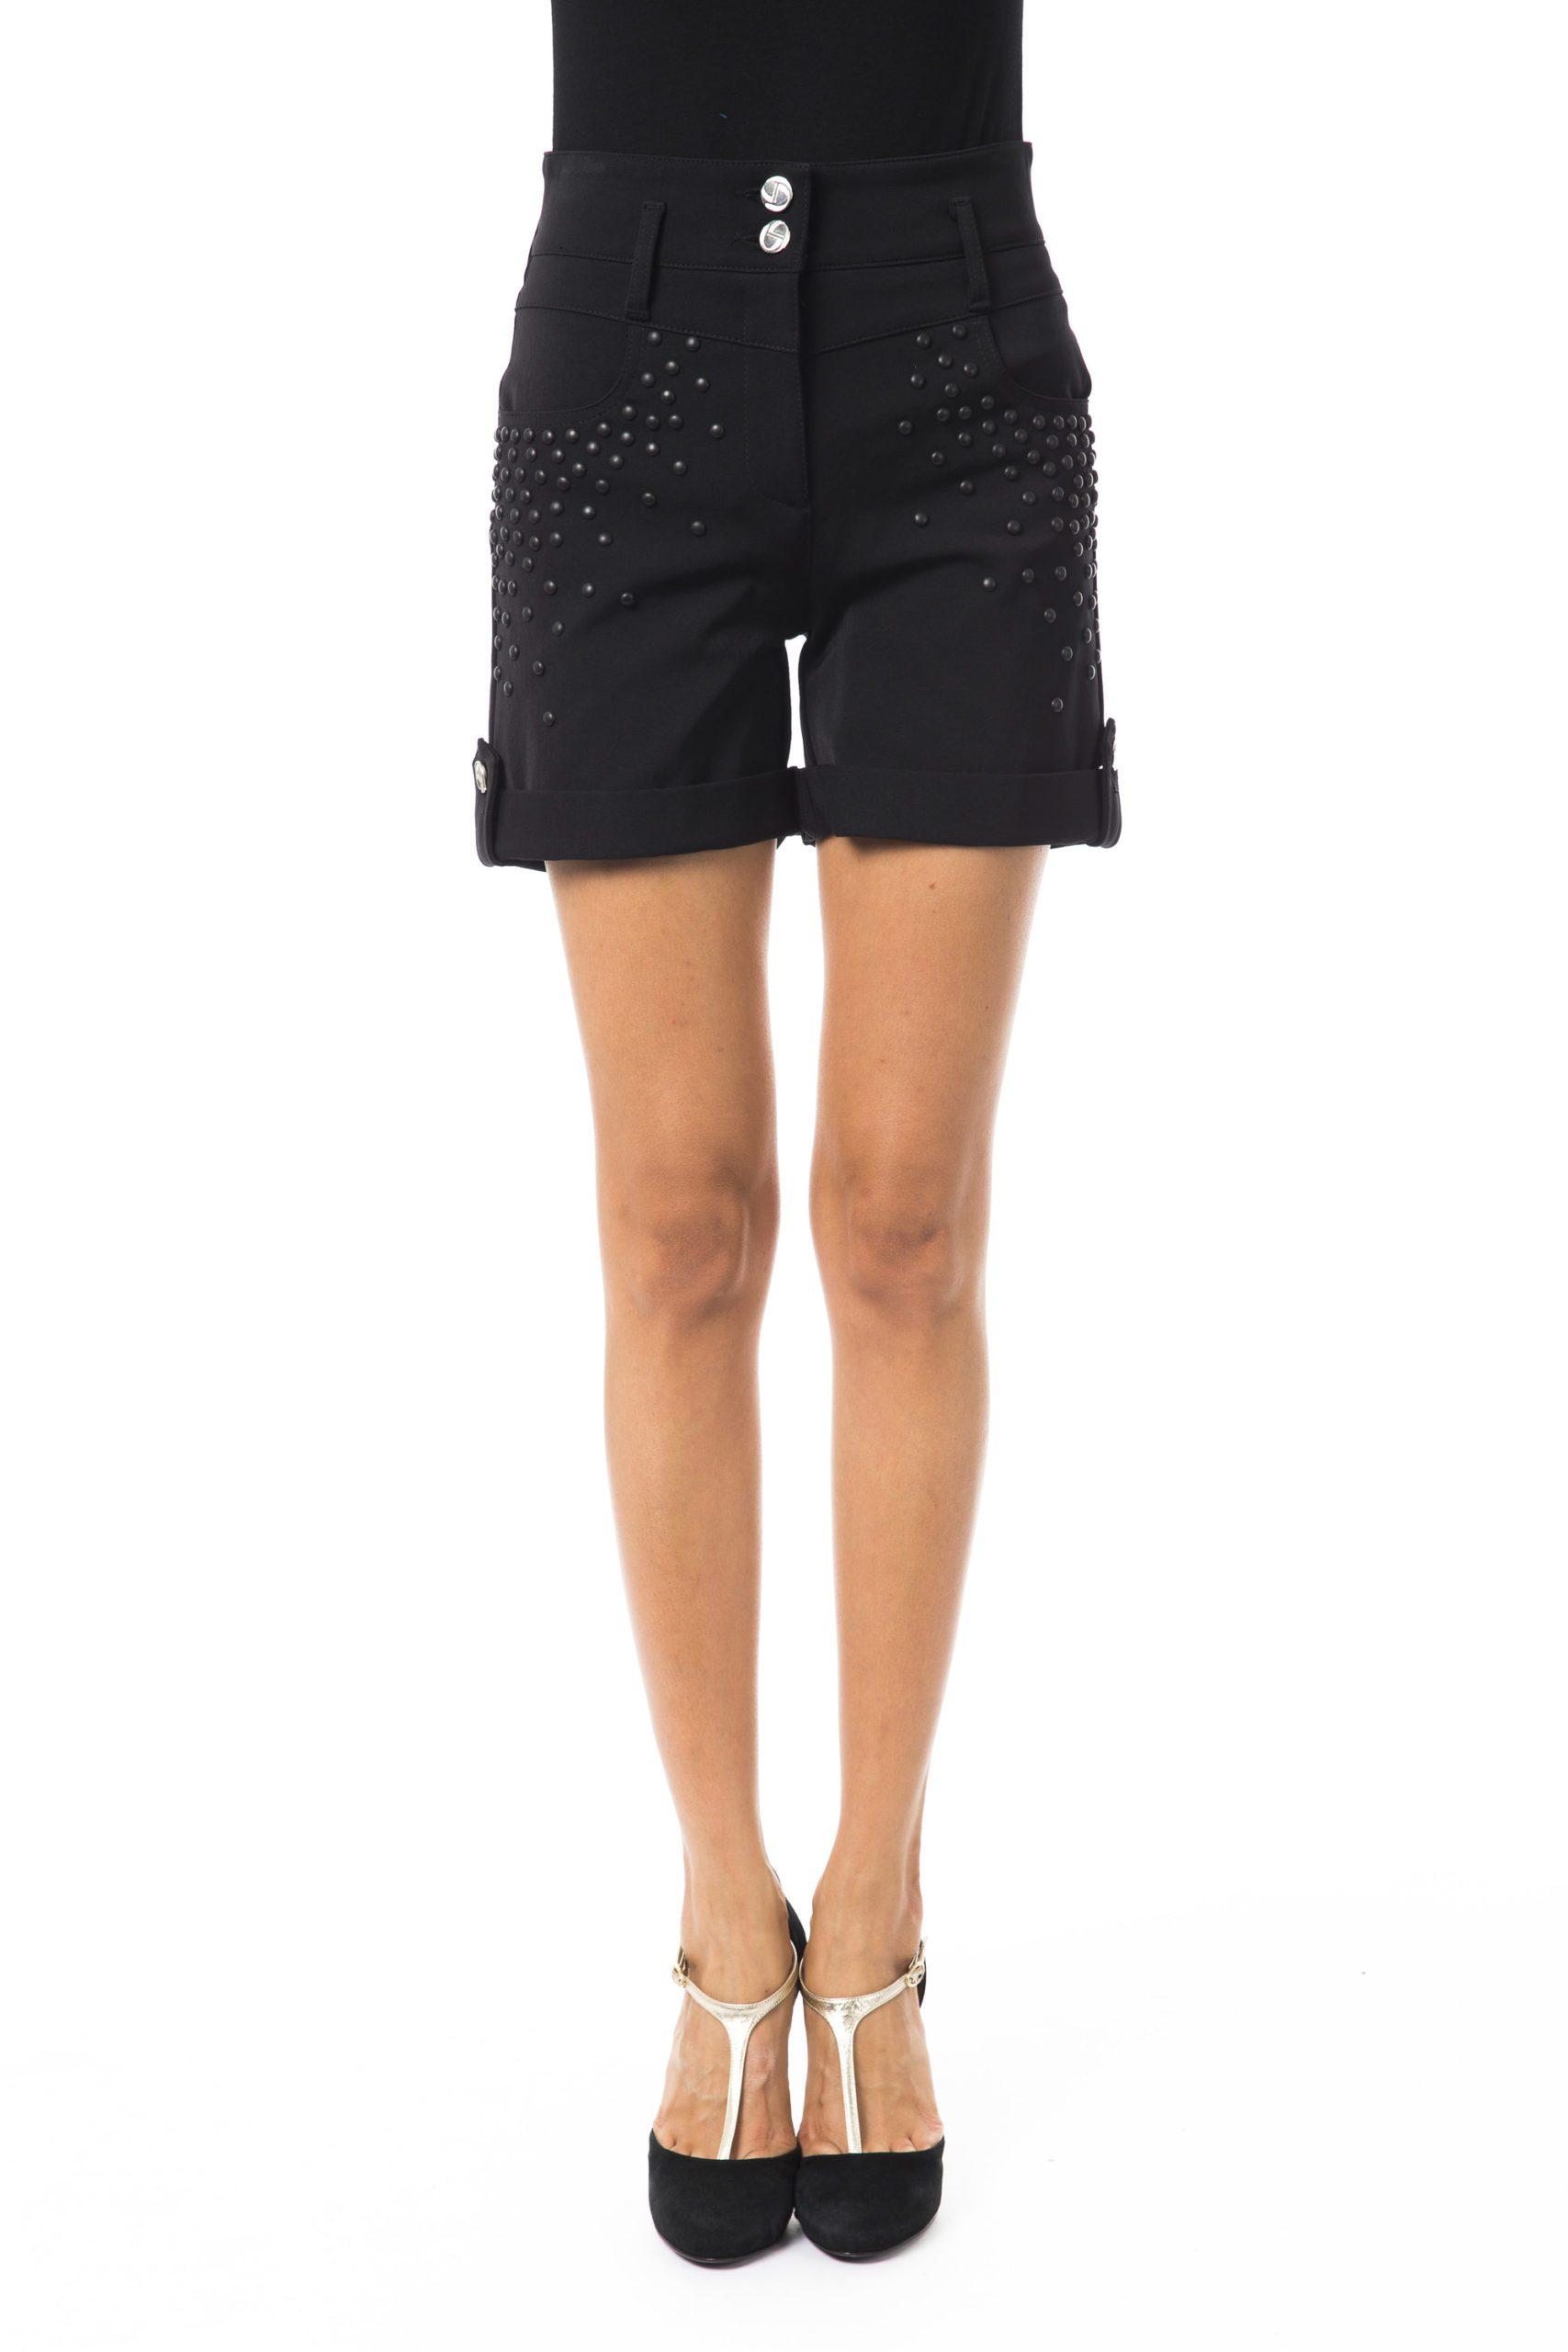 BYBLOS Women's Nero Short Black BY1263672 - IT42 | S